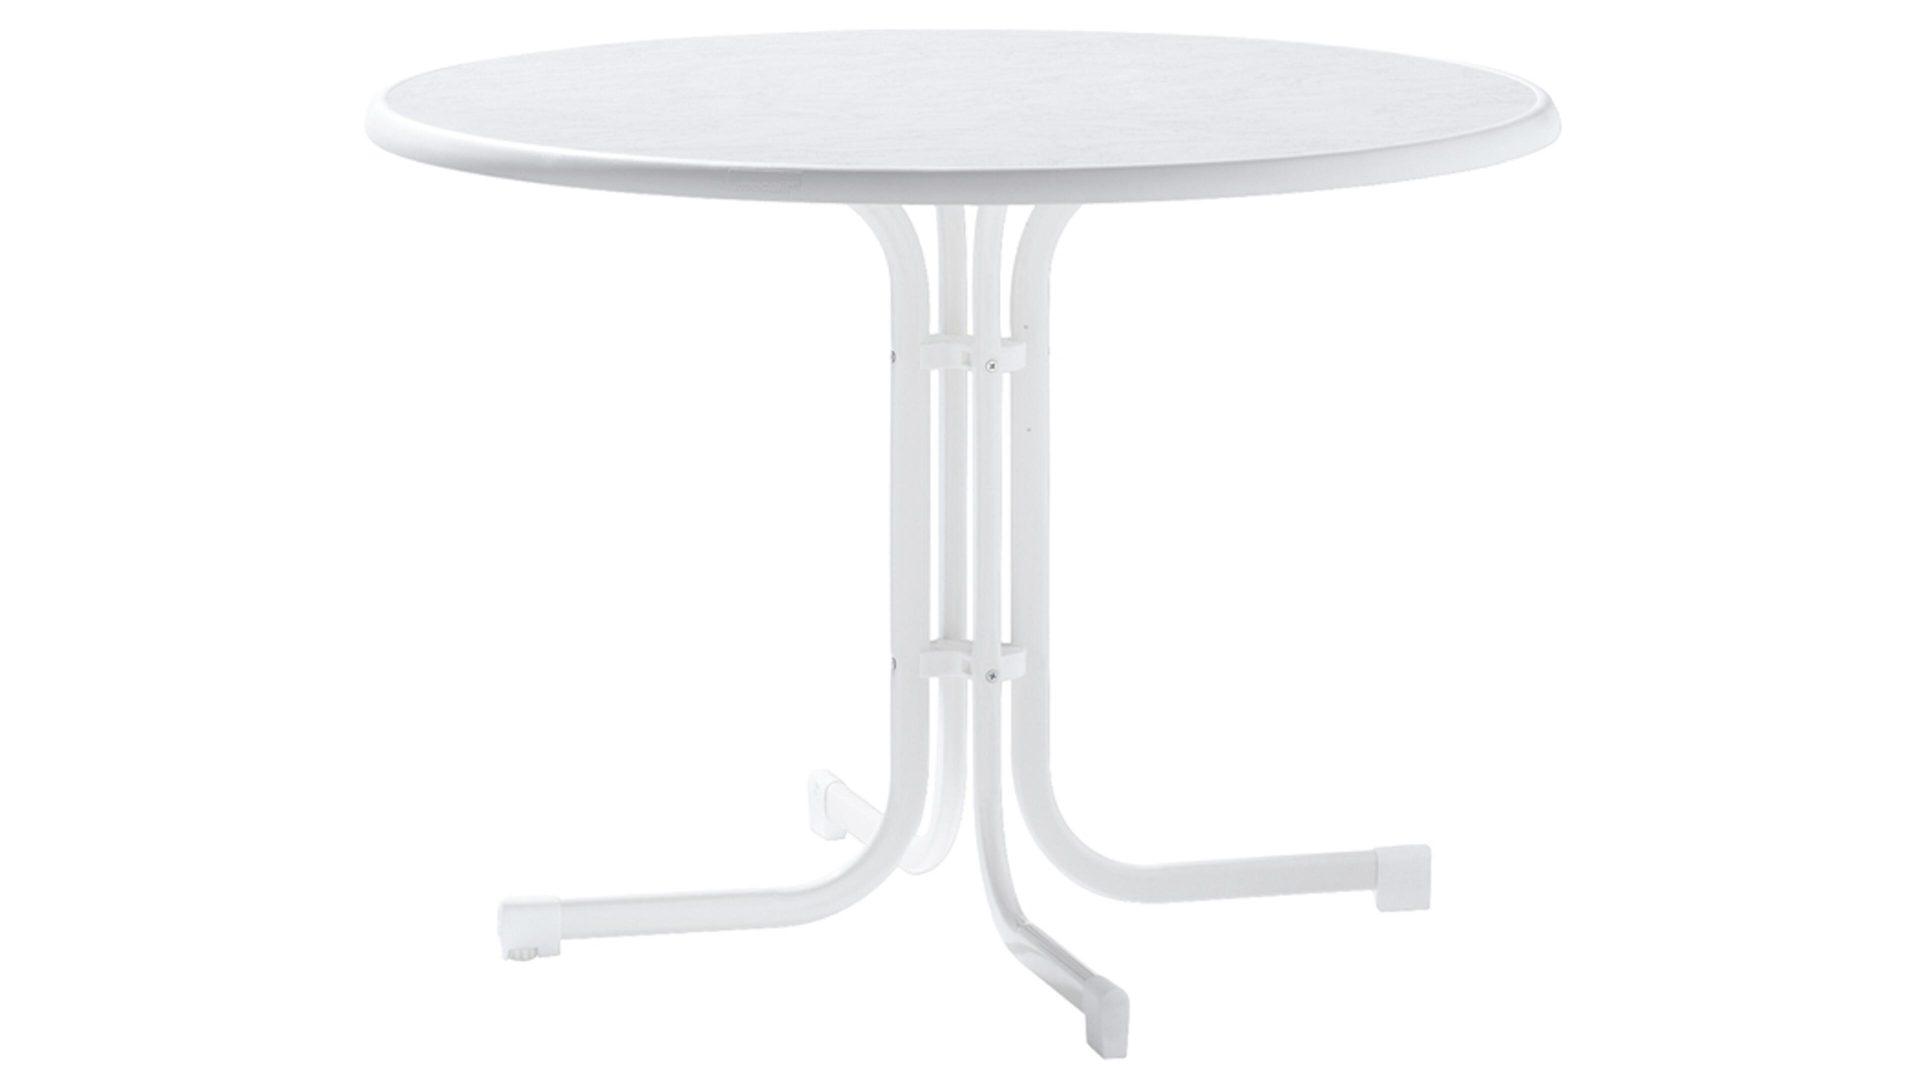 Sieger Gartentisch Weisses Stahlrohrgestell Mecalit Pro Platte